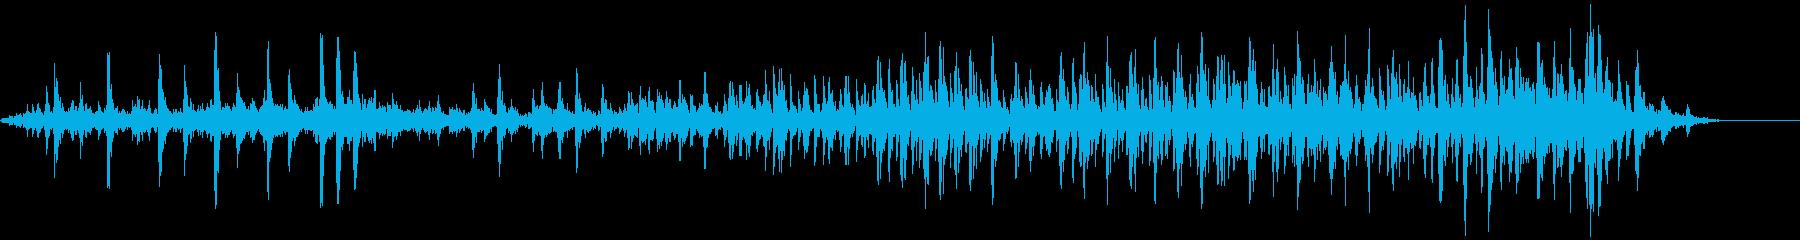 フラメンコミュージック-ナイトクラブ5の再生済みの波形